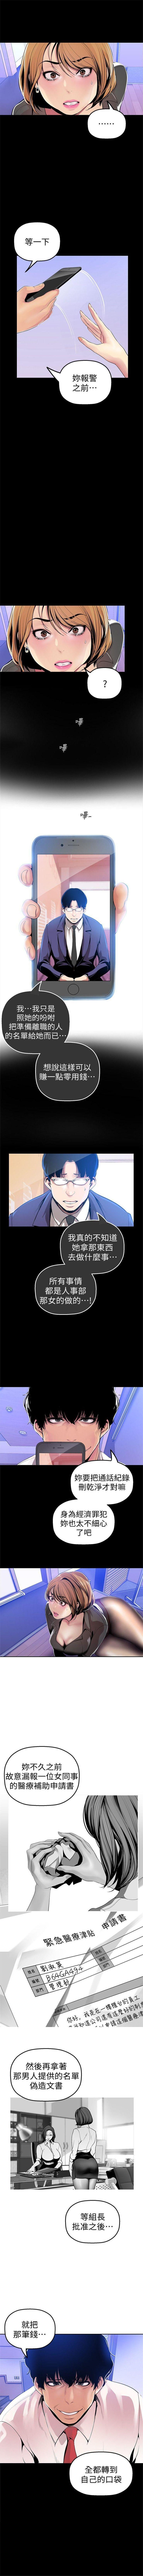 (周6)美丽新世界 1-61 中文翻译 (更新中) 298